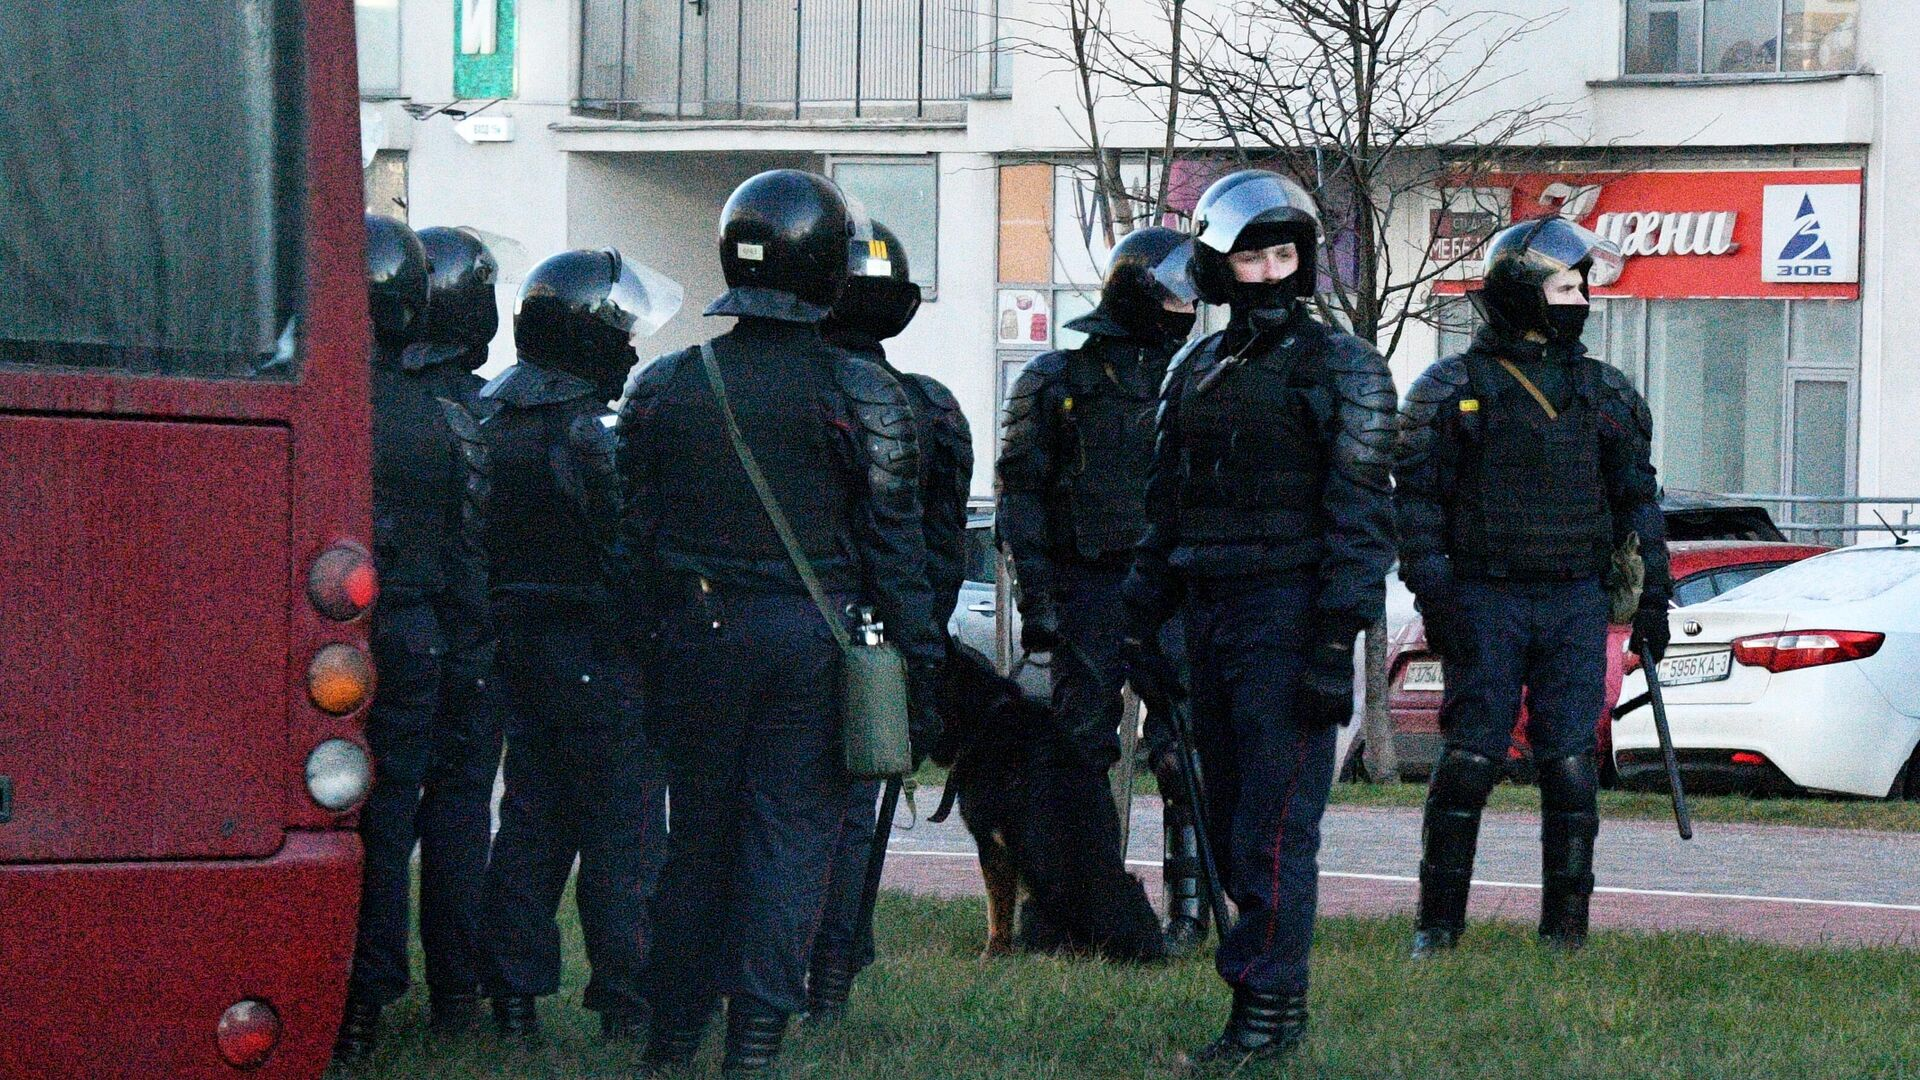 Сотрудники правоохранительных органов во время несанкционированной акции протеста в Минске - РИА Новости, 1920, 14.01.2021